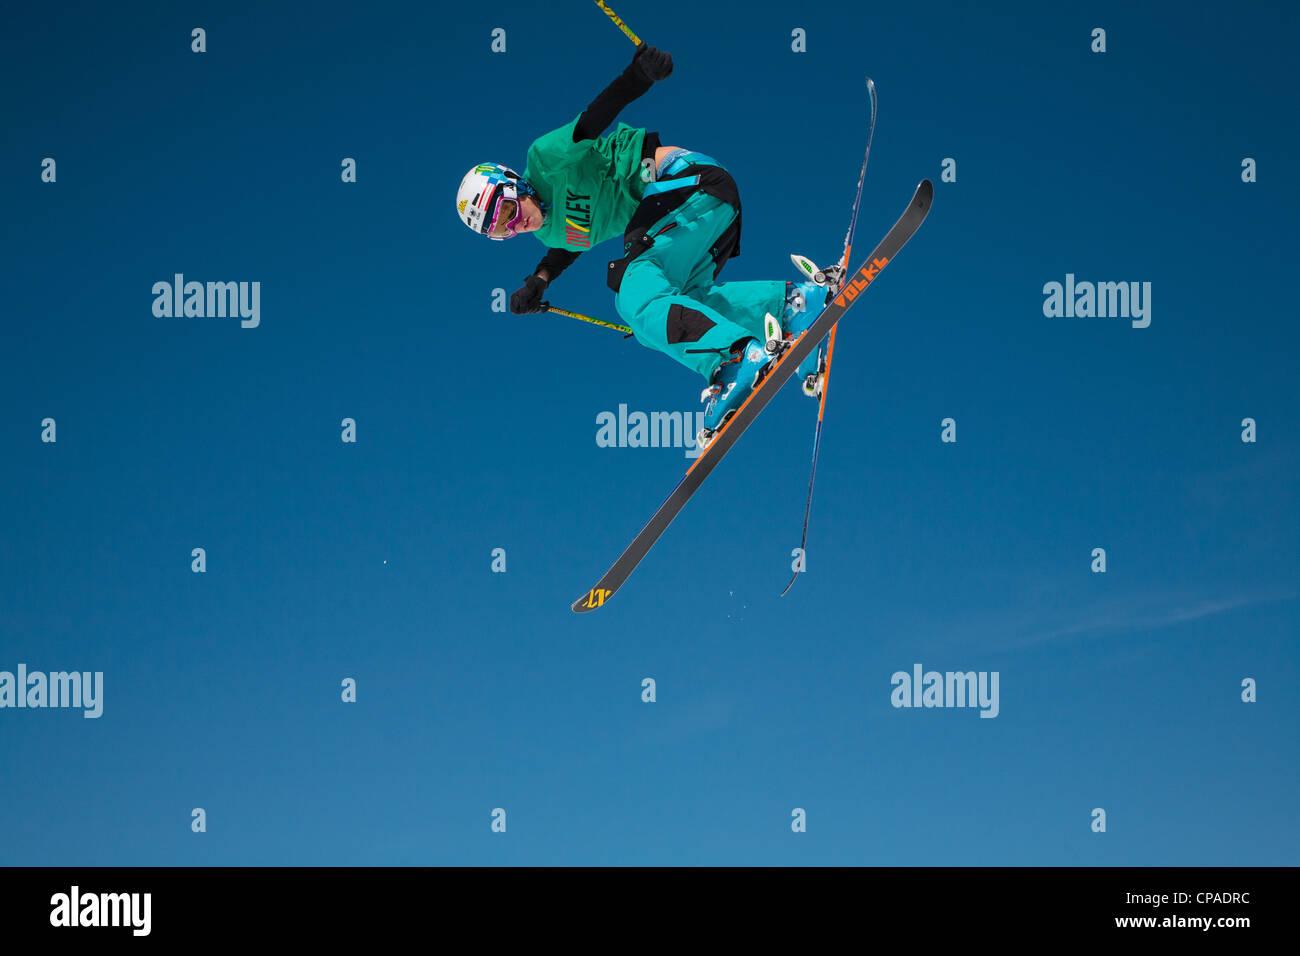 Un skieur de style libre exécute un saut et twist contre un ciel bleu clair. 4 de 4. Photo Stock